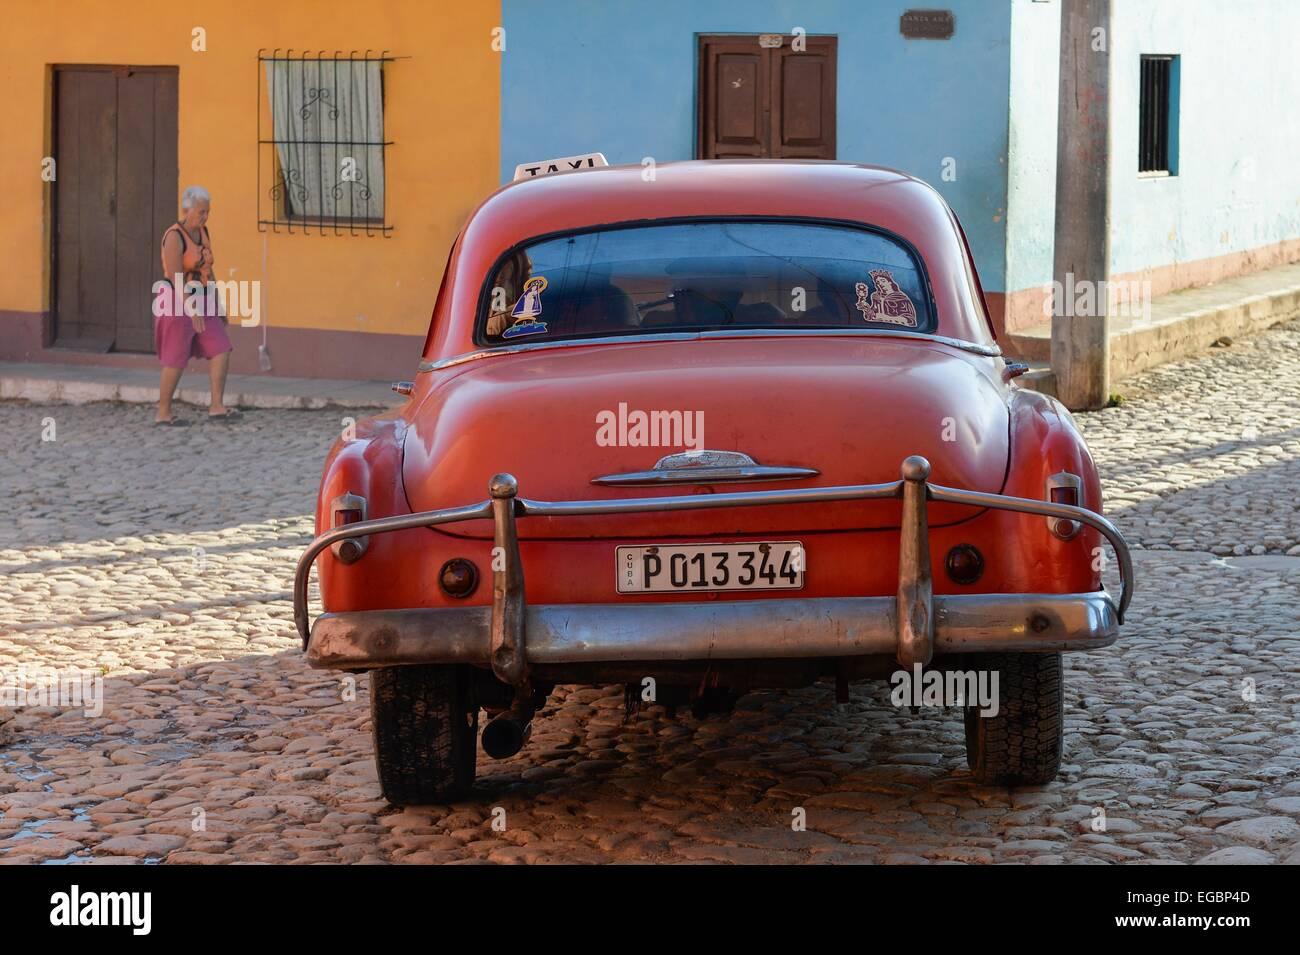 Eine rote kubanische Oldtimer Fahrt entlang einer gepflasterten Straße in Trinidad, Kuba Stockbild